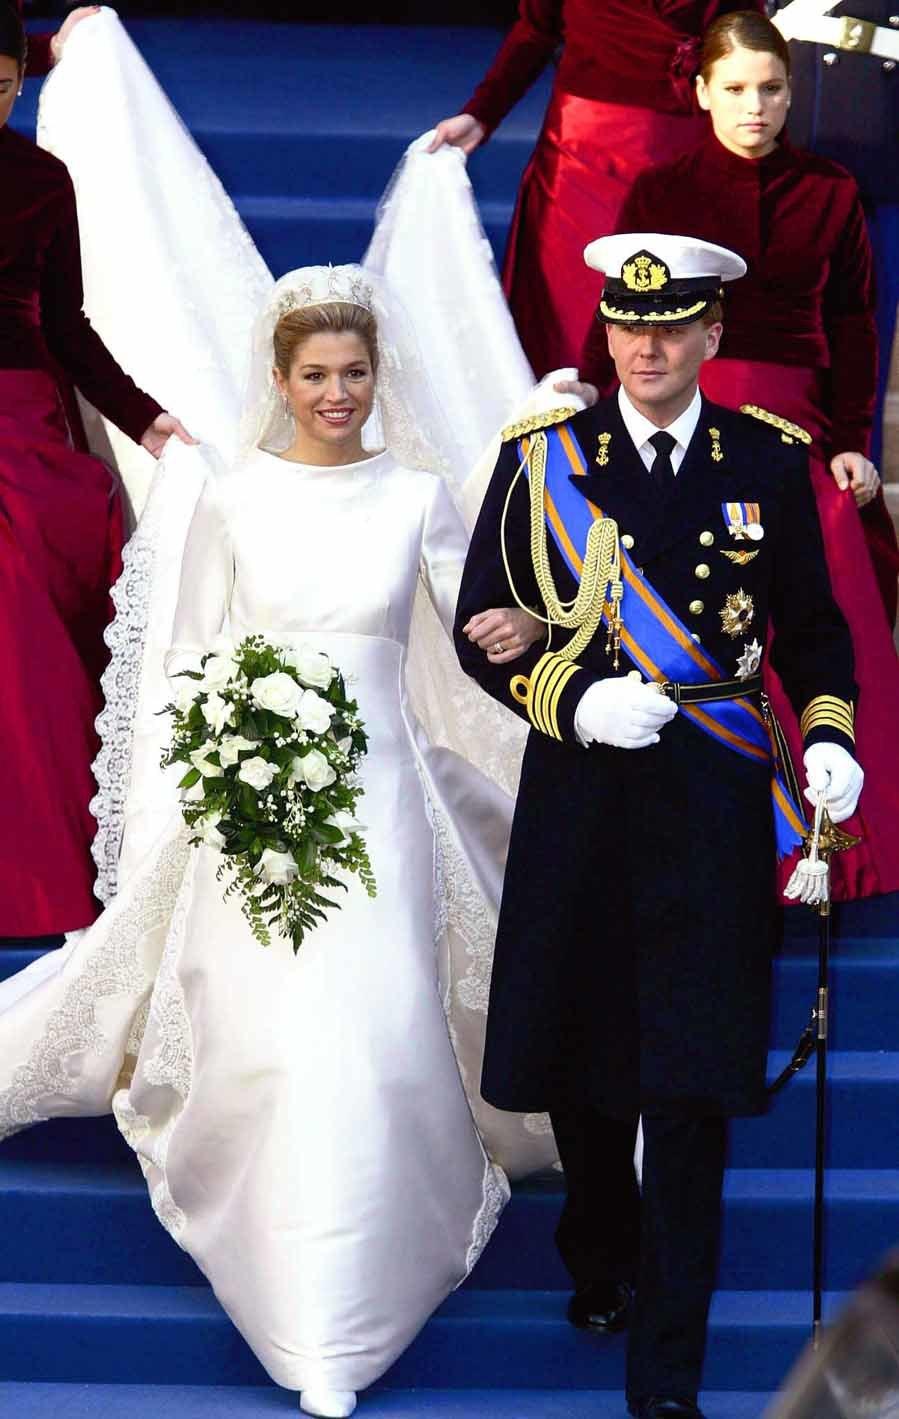 La pareja se casó el 2 de febrero de 2002 en Amsterdam. Máxima llevó un vestido de Valentino de cuello cerrado con dos aplicaciones de encaje bordadas a ambos lados de la falda.